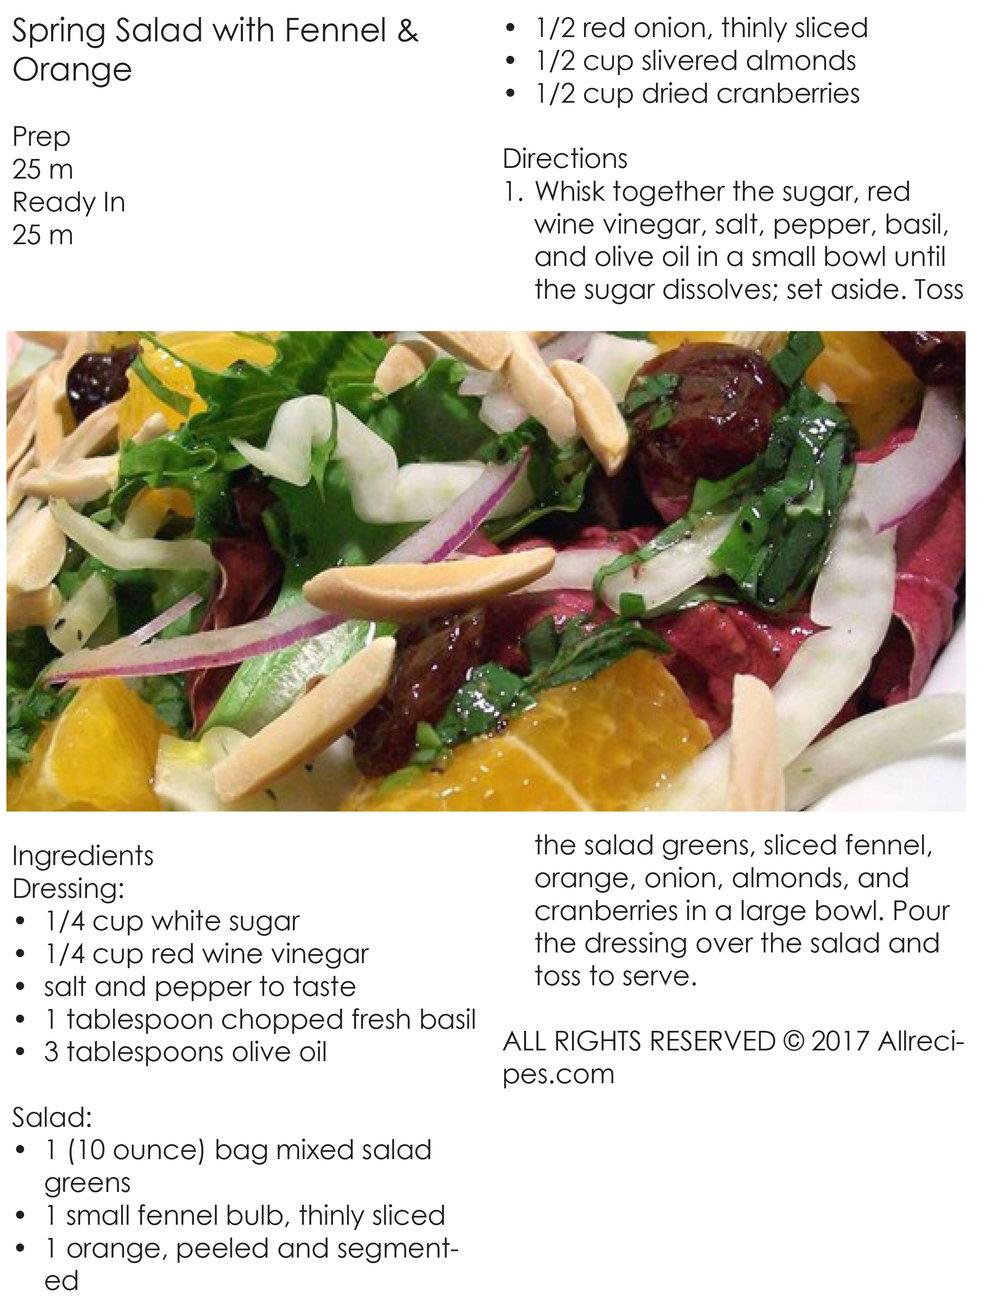 Spring Salad with Fennel & Orange